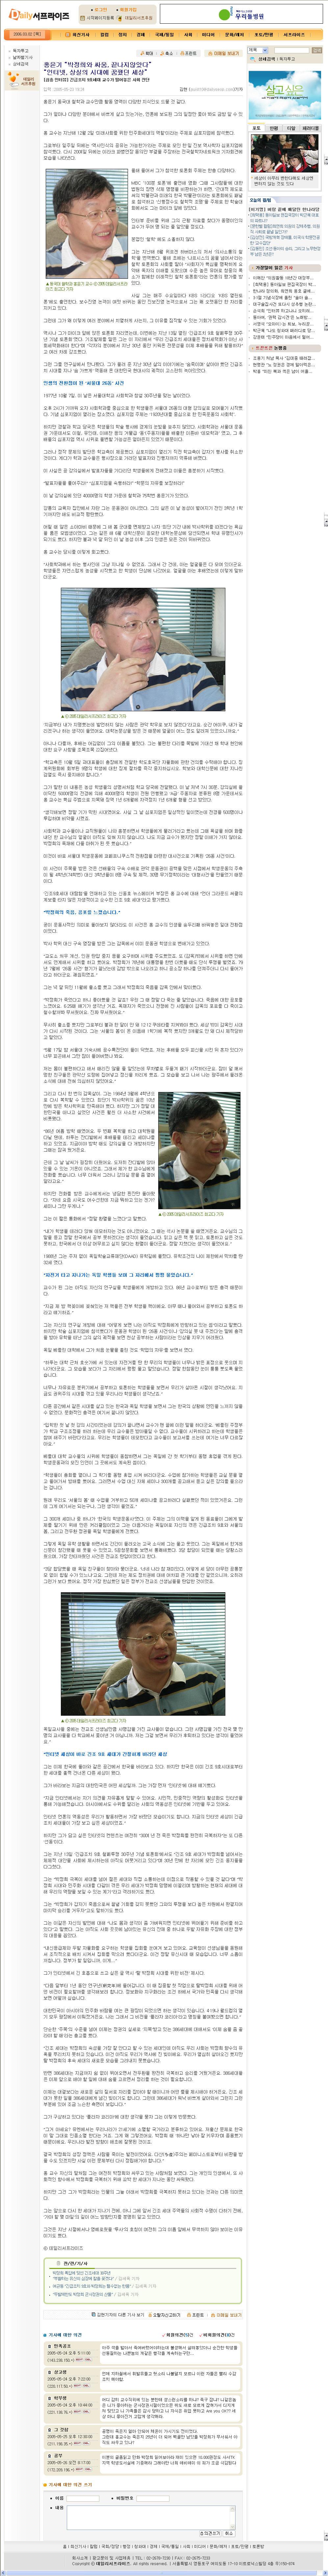 인터뷰 - 홍윤기(2005. 5)